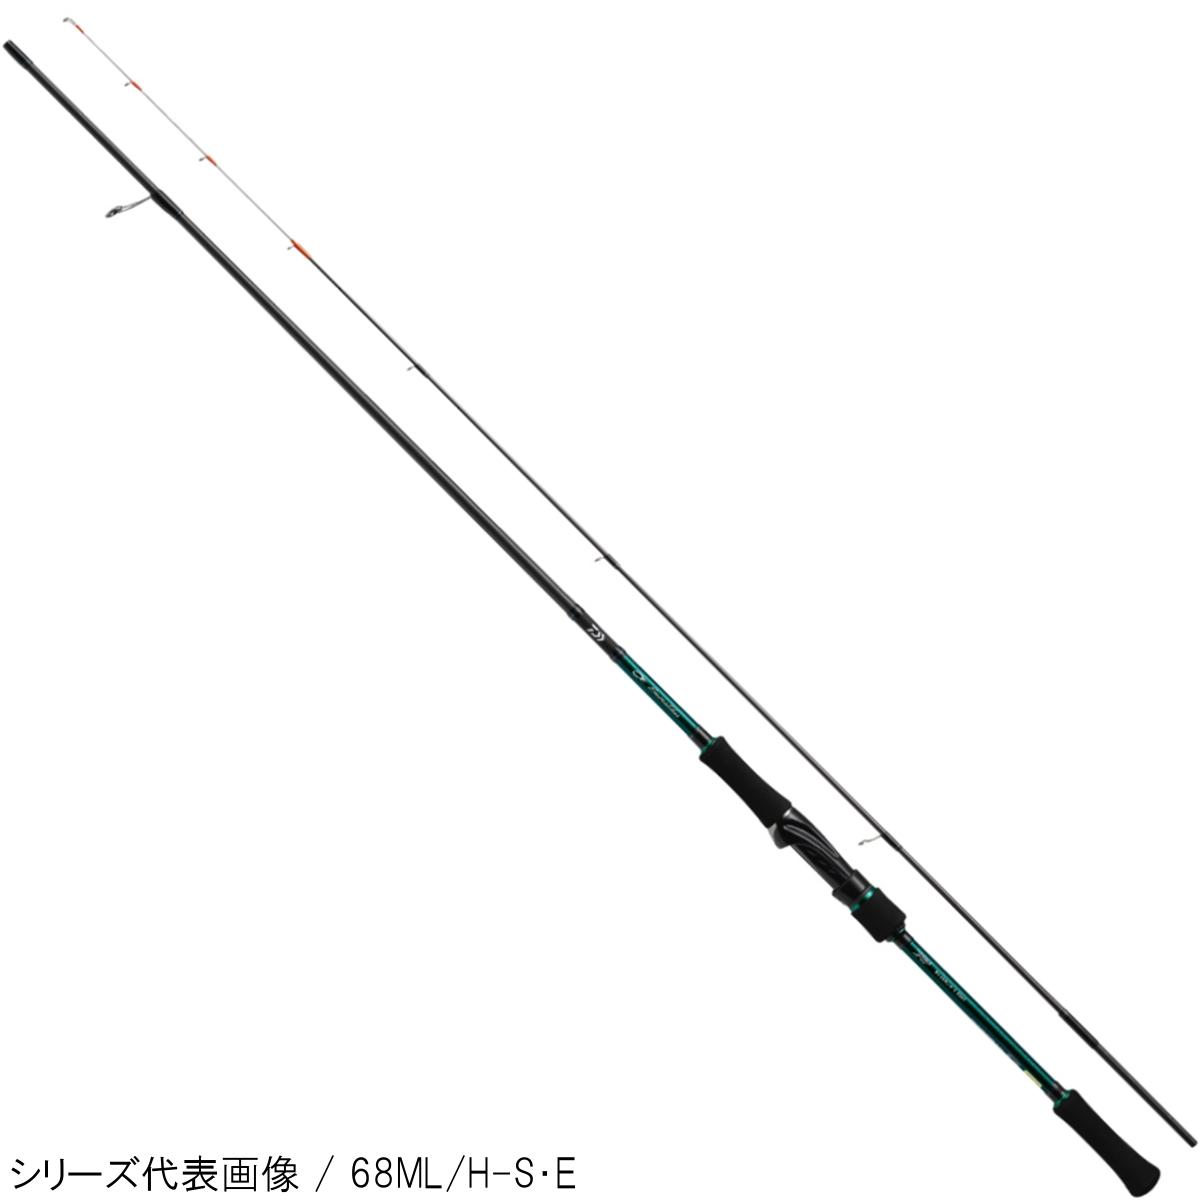 ダイワ エメラルダス MX BOAT 72L/MH-S・E